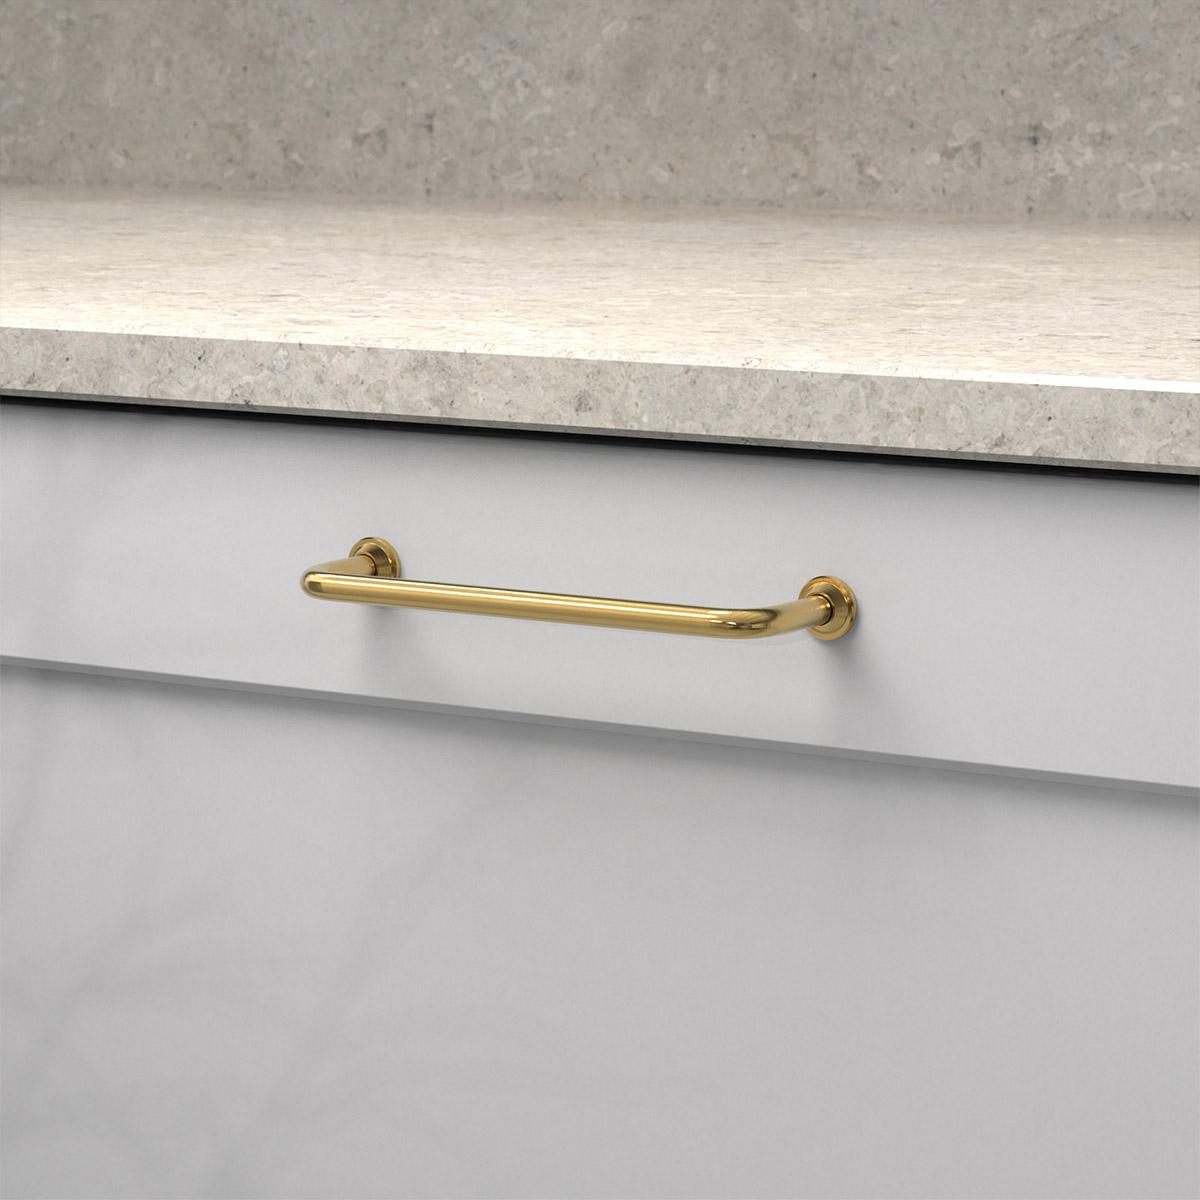 Kokshandtag 1353 polerad massing 33062 11 cc 128 mm ncs s 3000 n marmor carrara